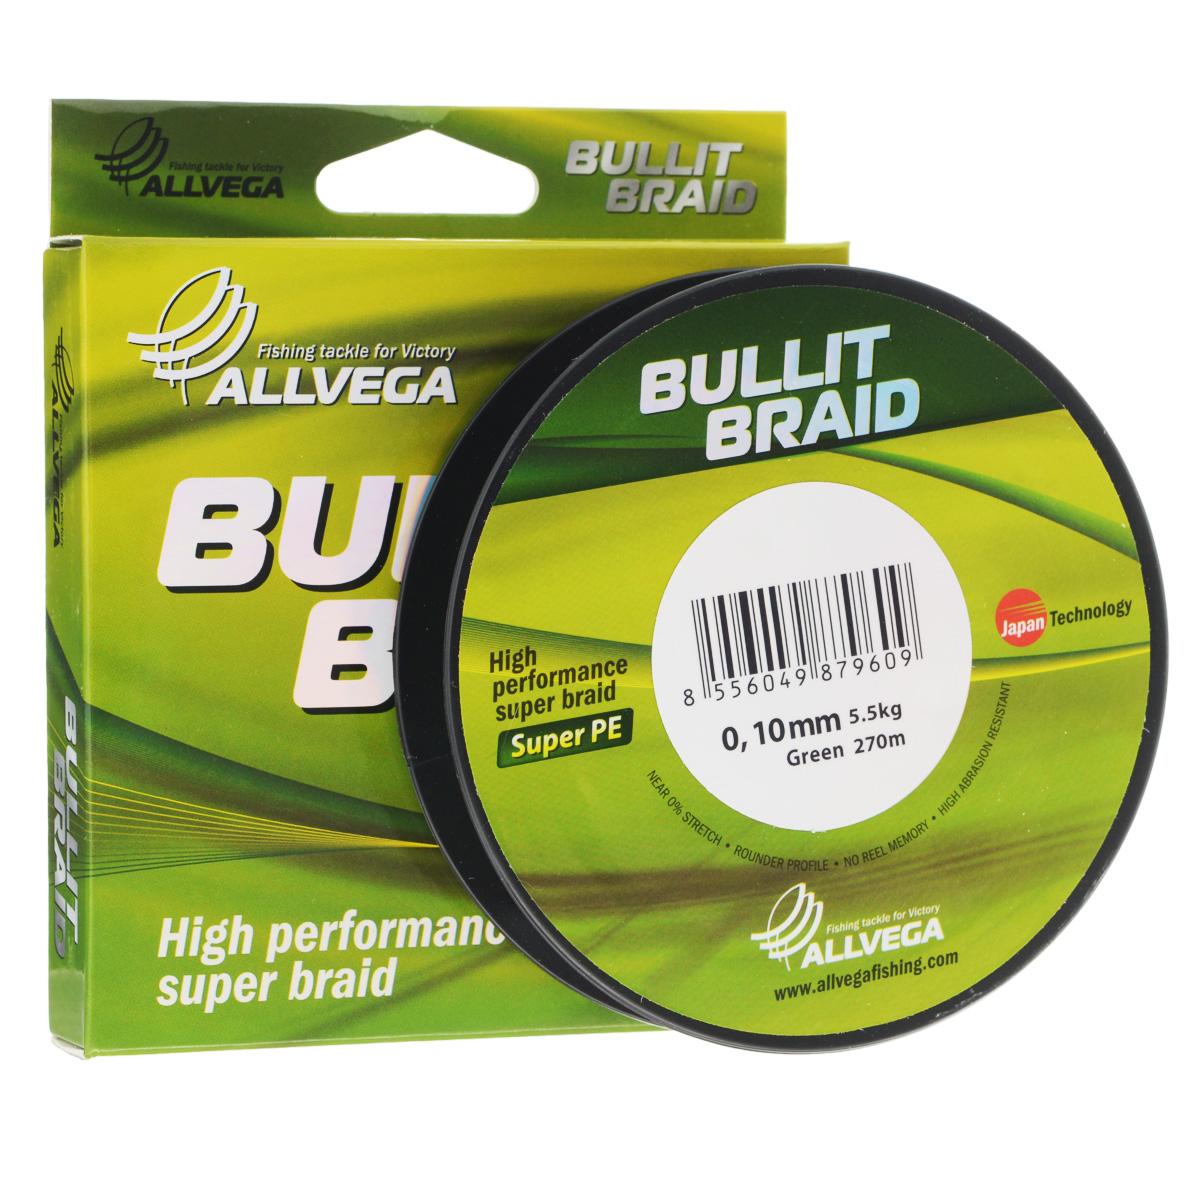 Леска плетеная Allvega Bullit Braid, цвет: темно-зеленый, 270 м, 0,10 мм, 5,5 кг25825Леска Allvega Bullit Braid с гладкой поверхностью и одинаковым сечением по всей длине обладает высокой износостойкостью. Благодаря микроволокнам полиэтилена (Super PE) леска имеет очень плотное плетение и не впитывает воду. Леску Allvega Bullit Braid можно применять в любых типах водоемов. Особенности: повышенная износостойкость; высокая чувствительность - коэффициент растяжения близок к нулю; отсутствует память; идеально гладкая поверхность позволяет увеличить дальность забросов; высокая прочность шнура на узлах.